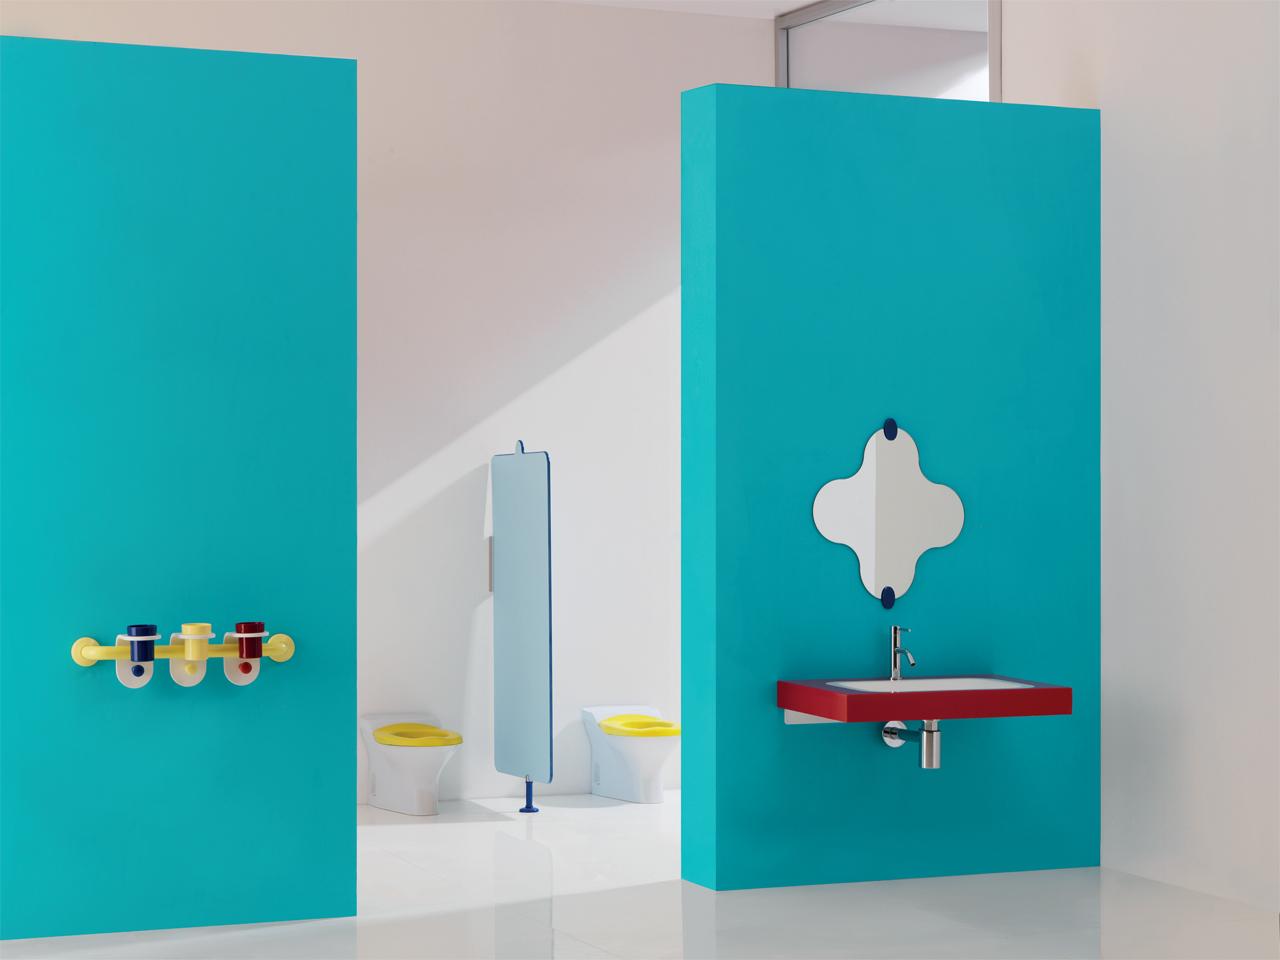 Vasca Da Bagno Per Bambini Grandi : Leader nella produzione ausili e sanitari bagno